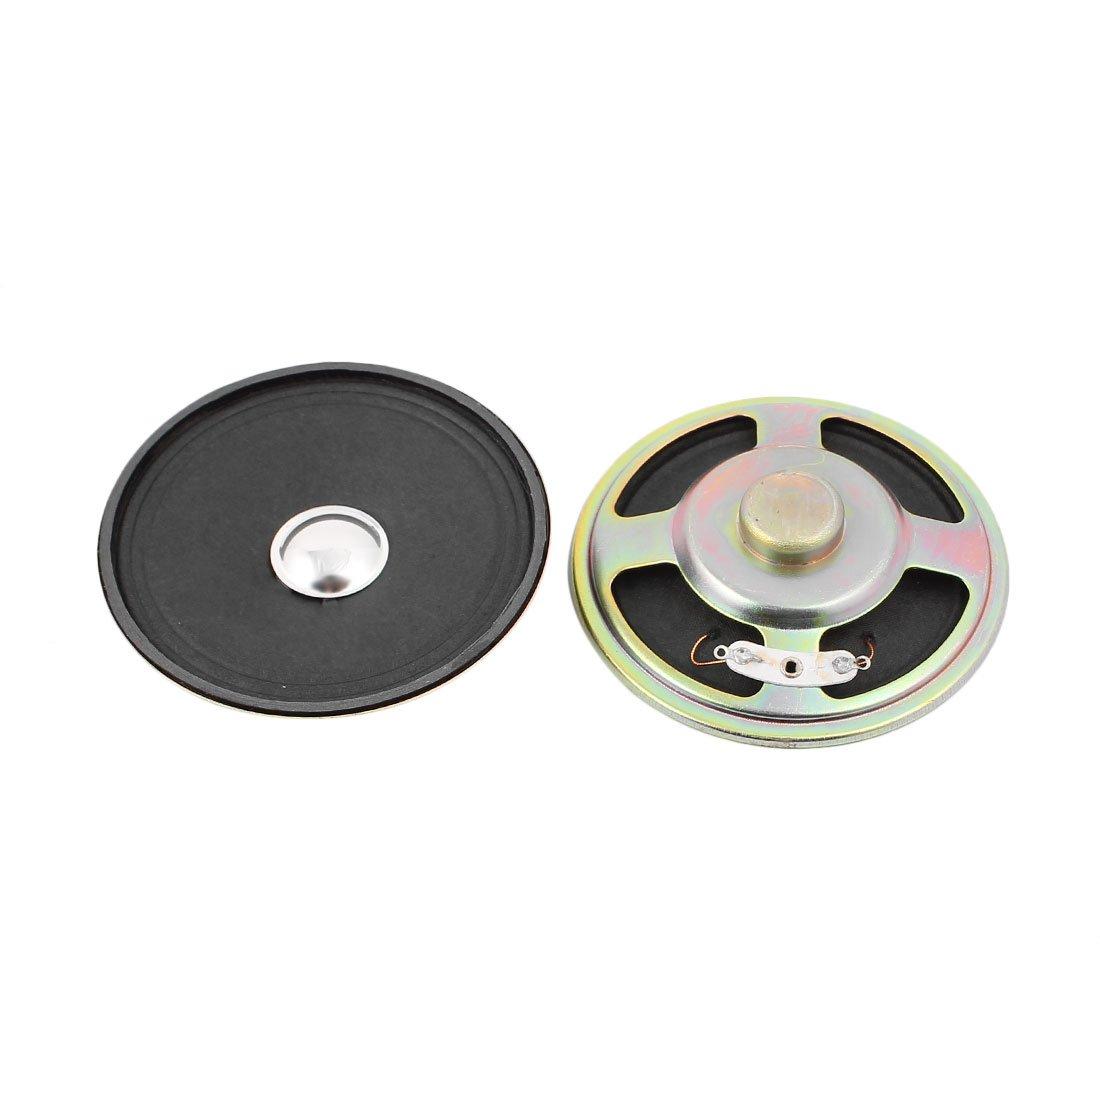 sourcing map 2pcs 76mm dia 8 ohms 3w Ultra-Minces Haut-parleurs internes Miniatures Haut-Parleur magné tique US-SA-AJD-166979